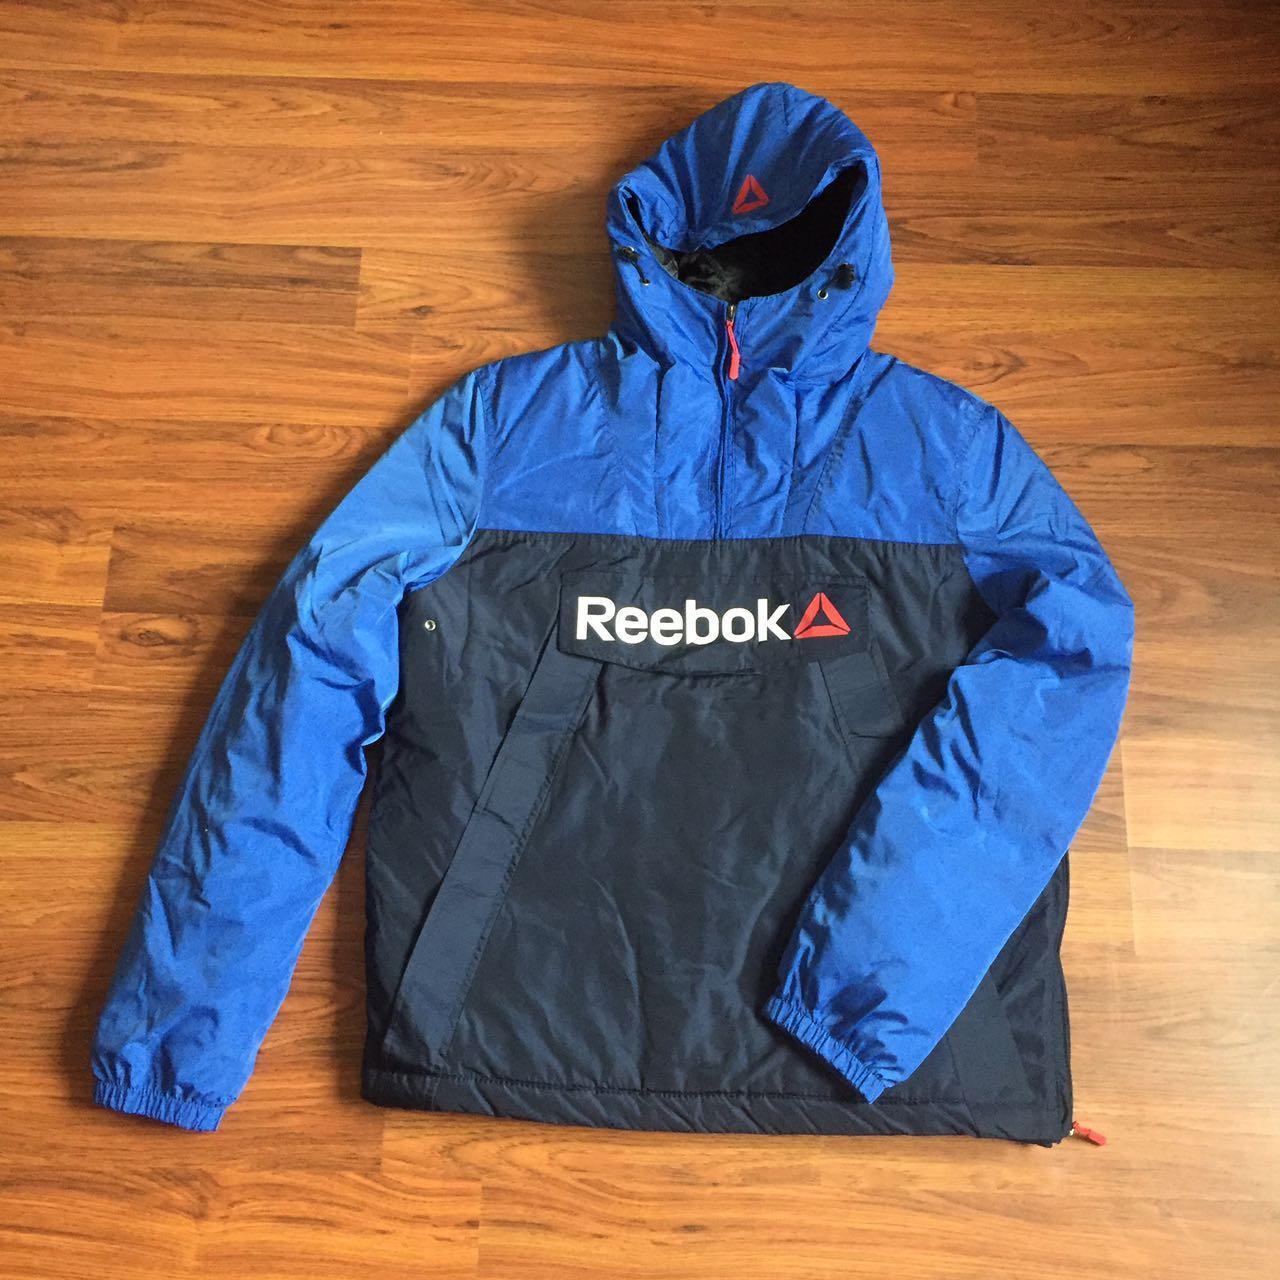 Спортивна утеплена куртка анорак. Синій+електрик. XS - XL